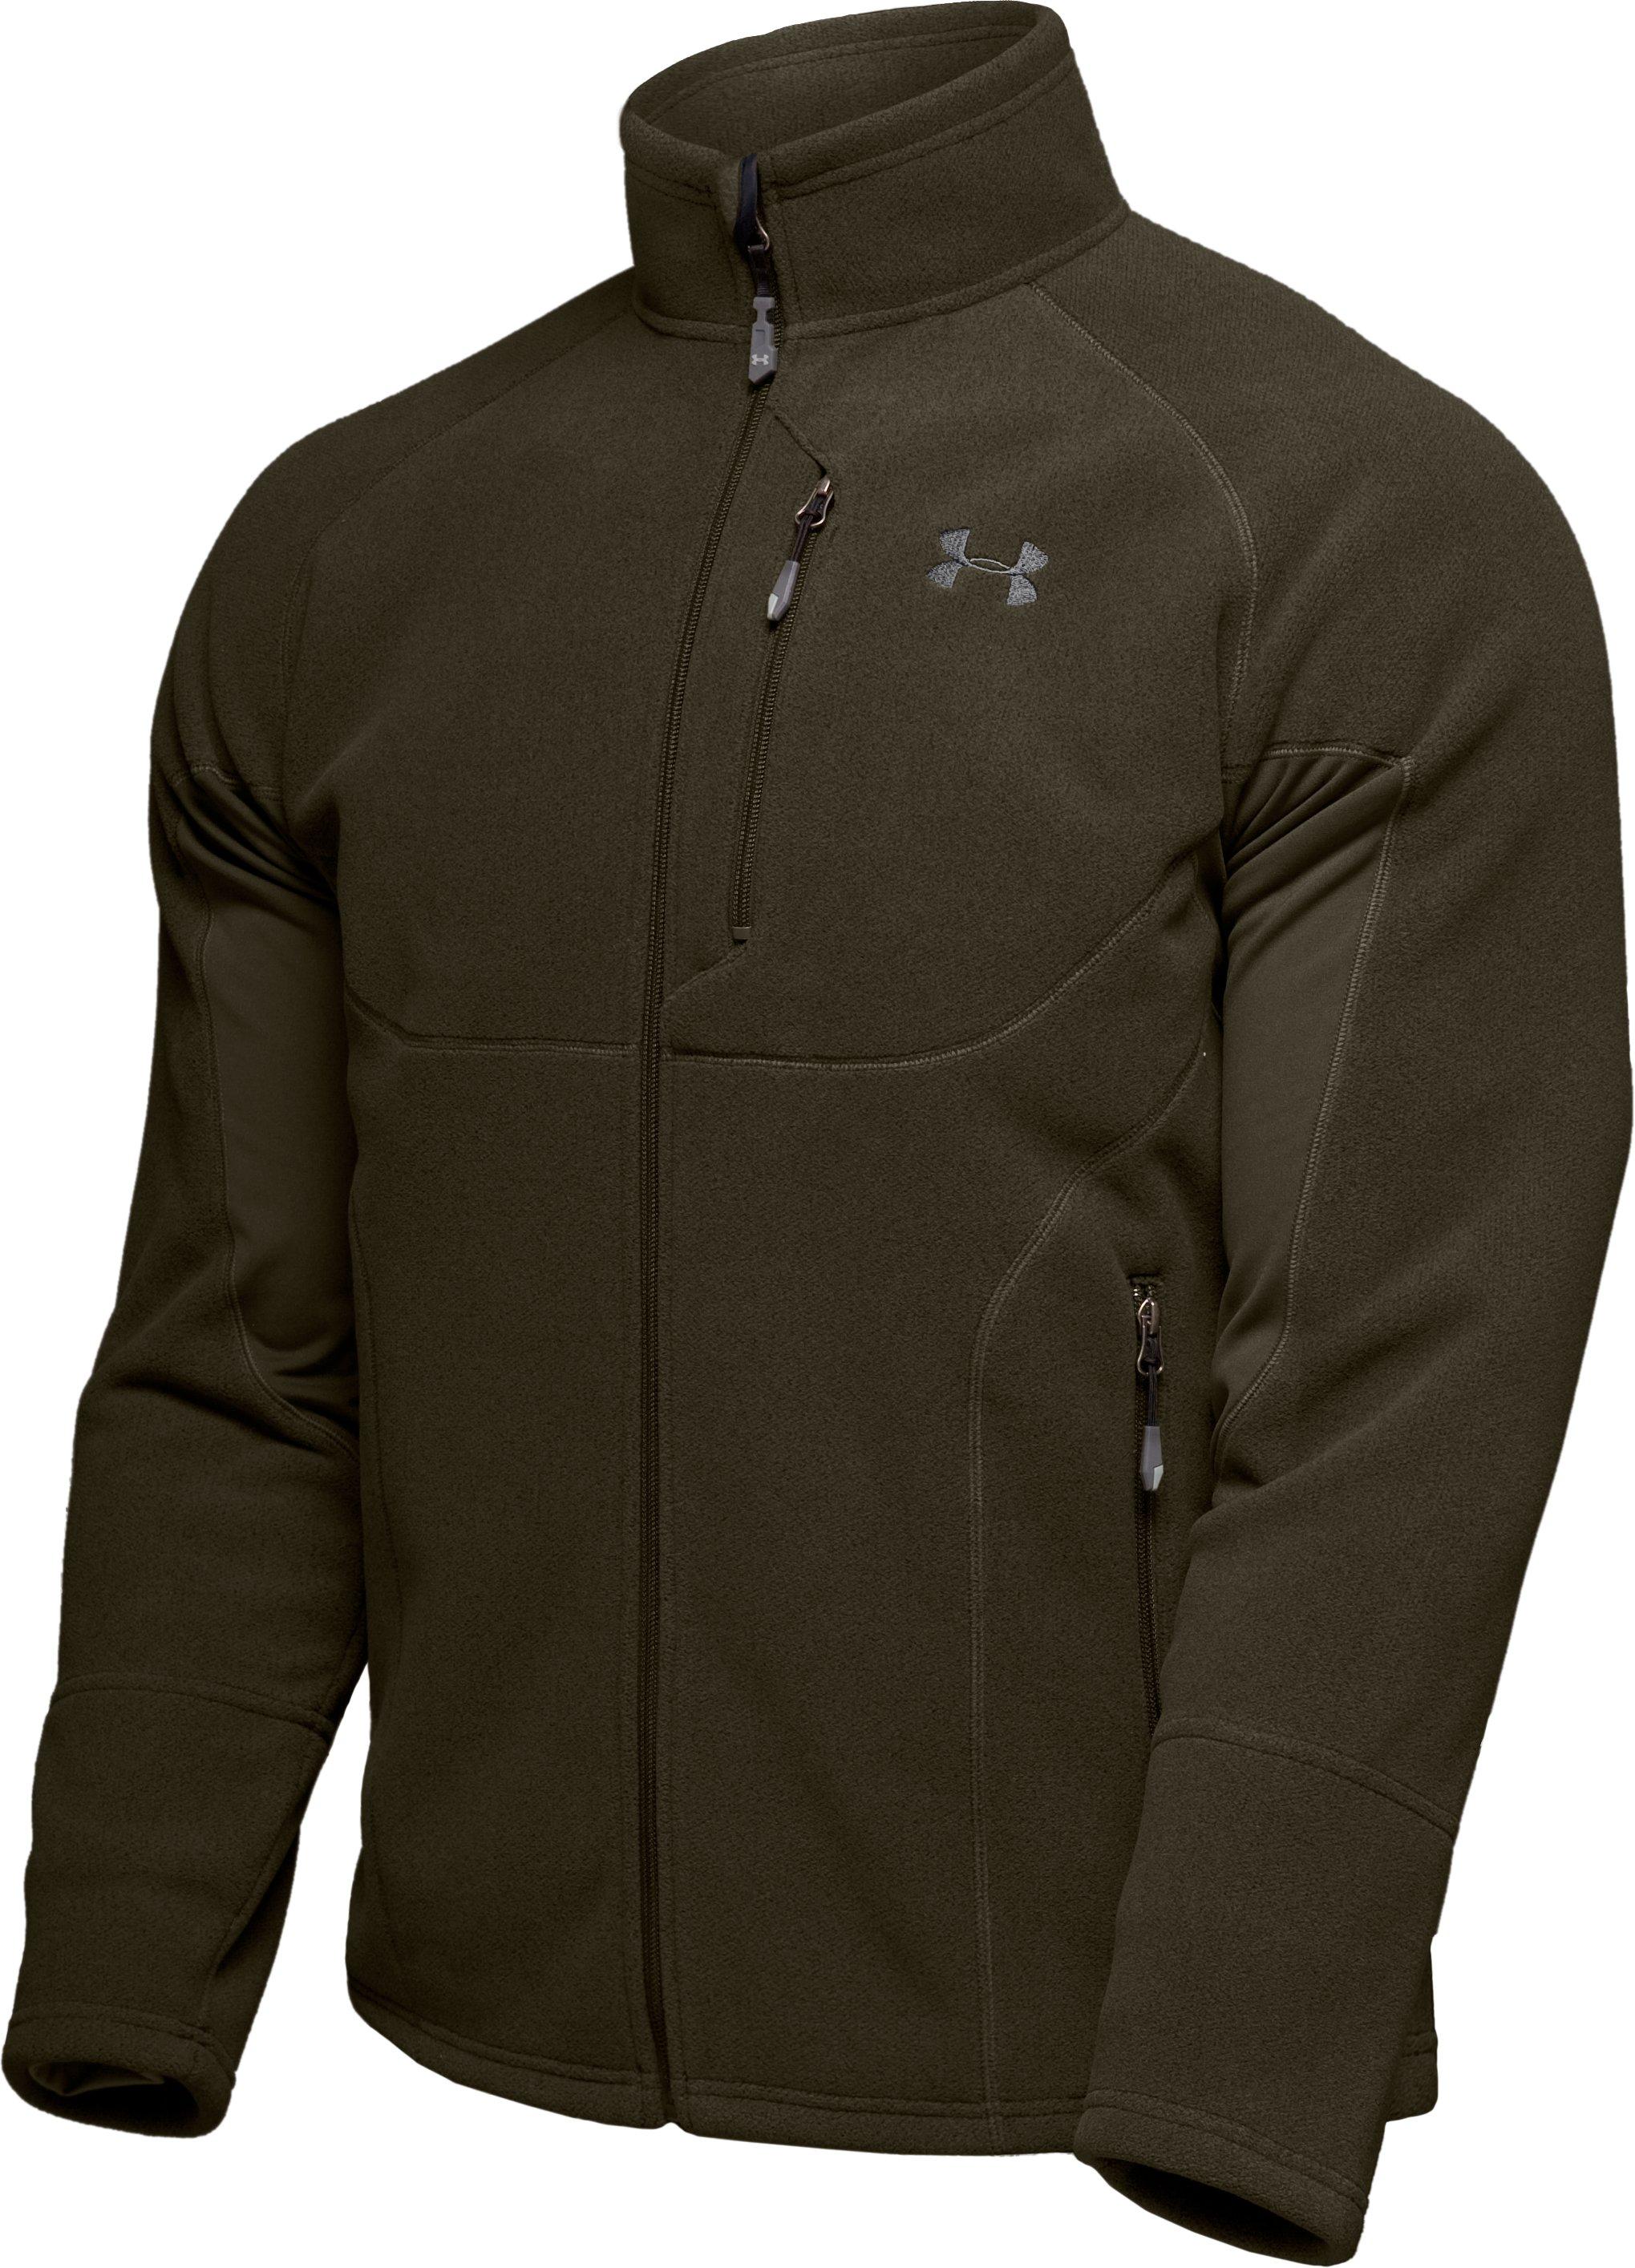 Men's Derecho Windproof Fleece Jacket | Under Armour US